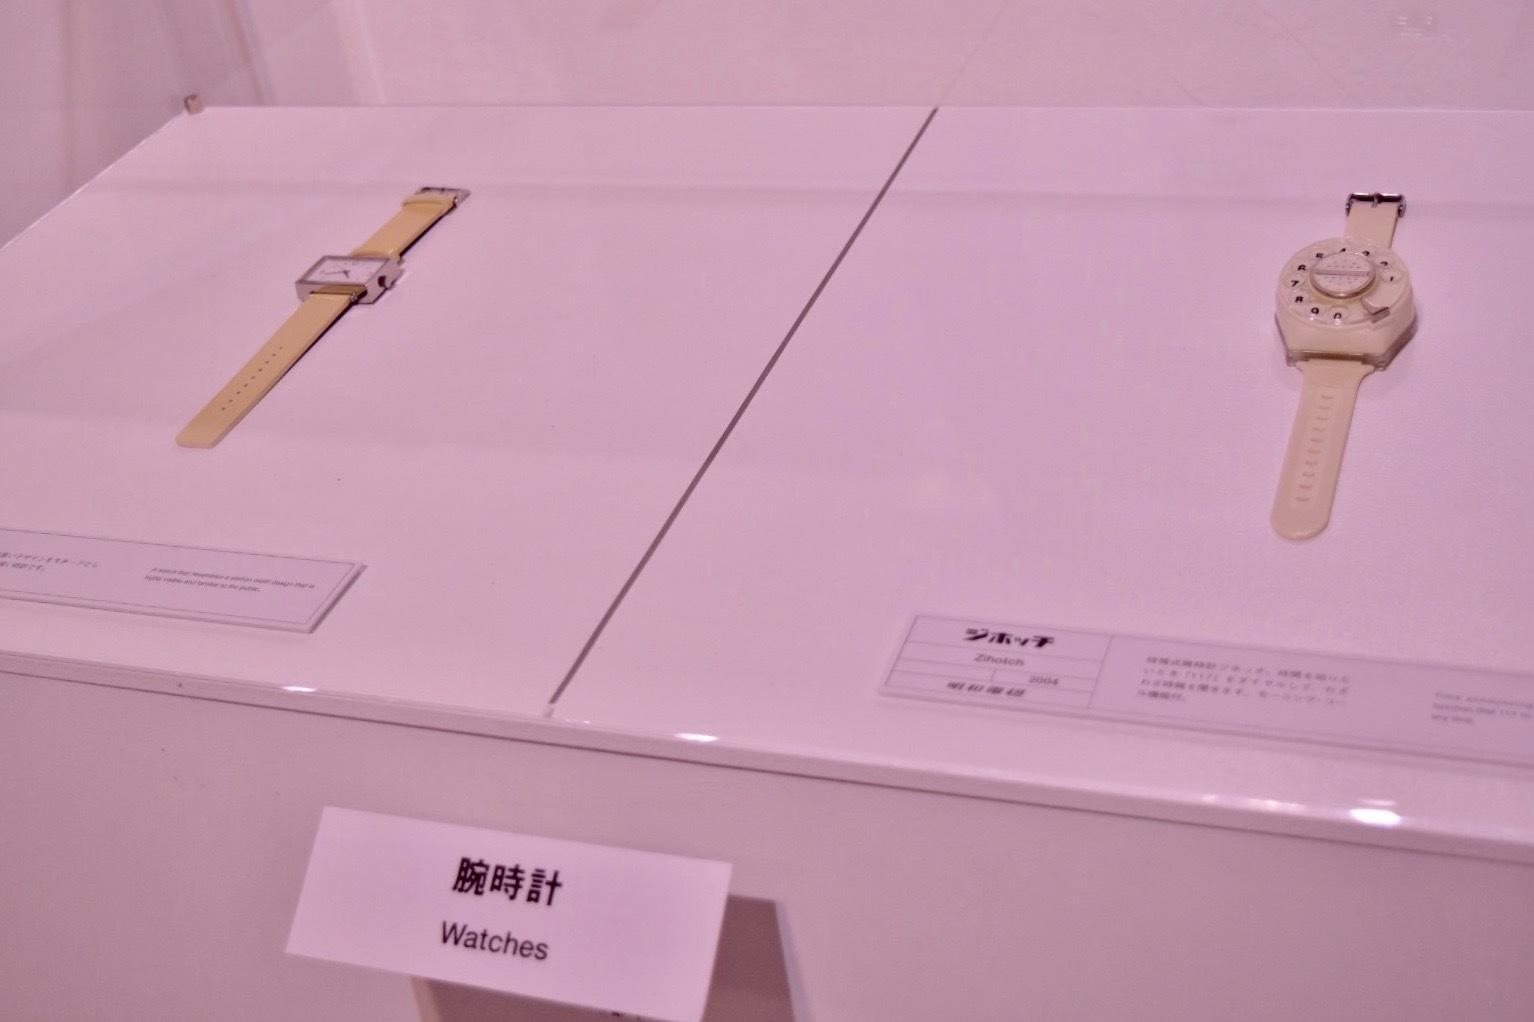 左:自動巻き時計 駅の時計・リストウォッチ(無印良品)右:ジホッチ(明和電機)